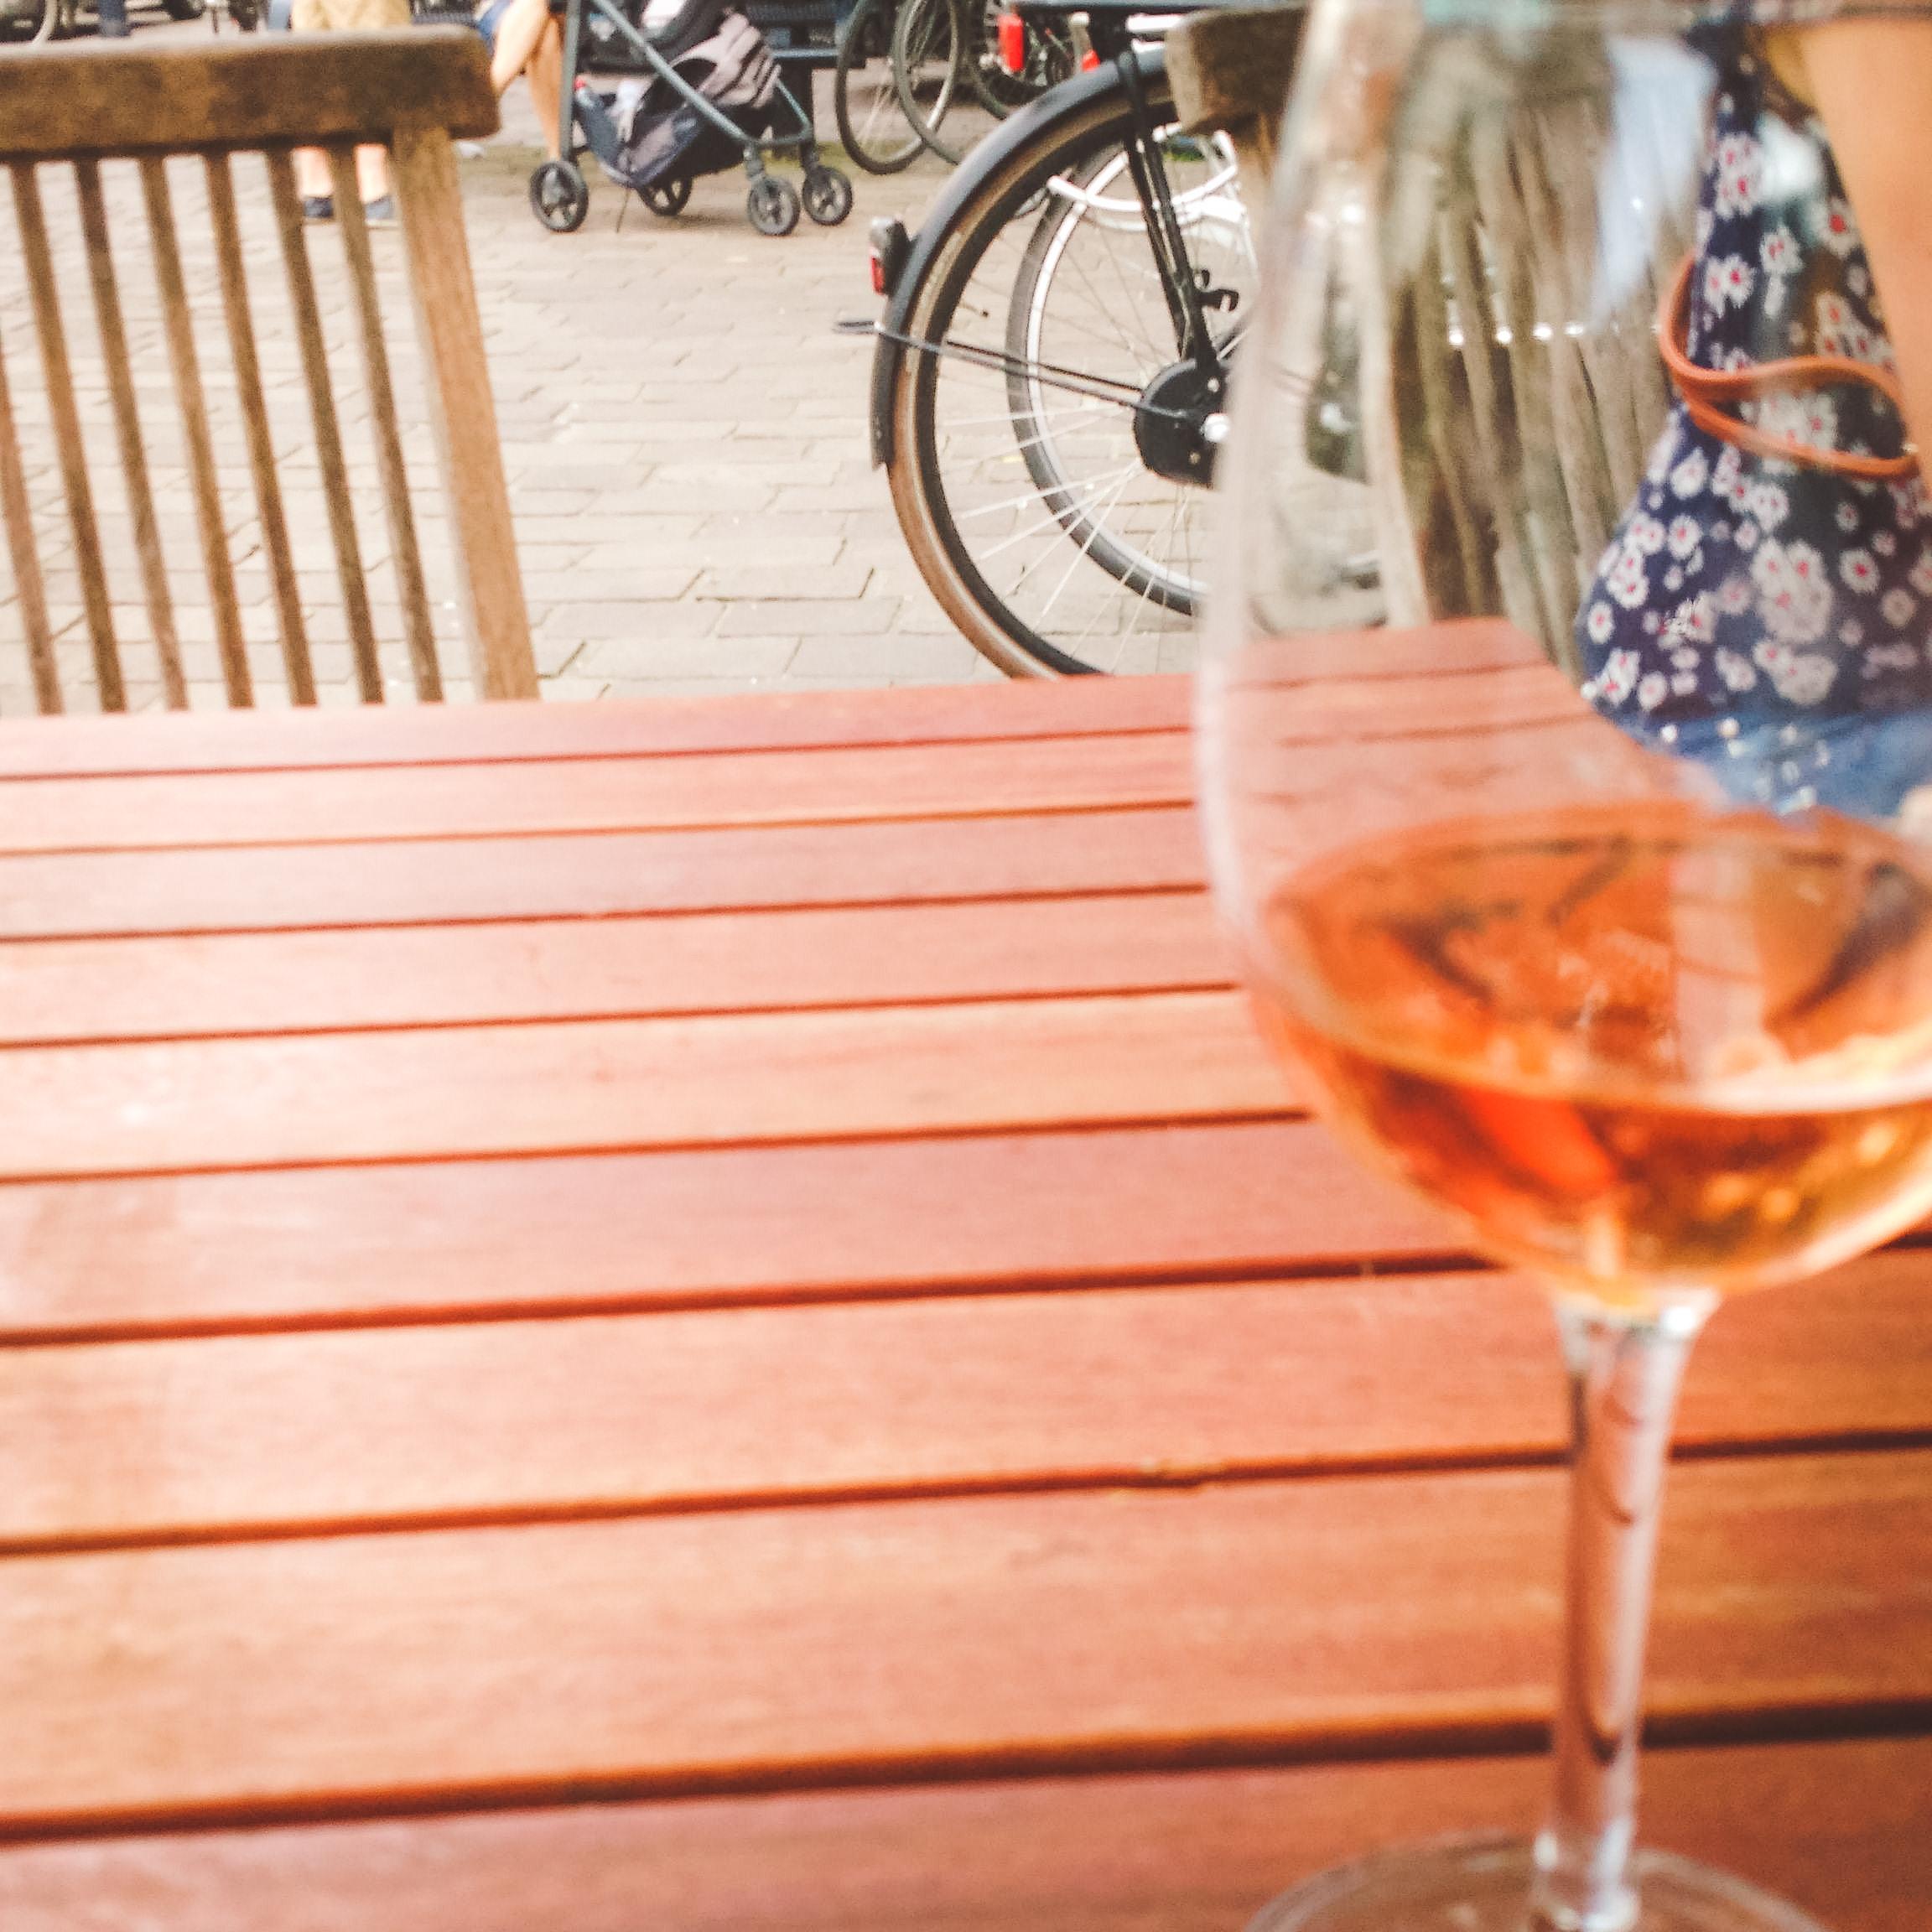 expat, expat bar, Cheers, Gent, Belgium, wine